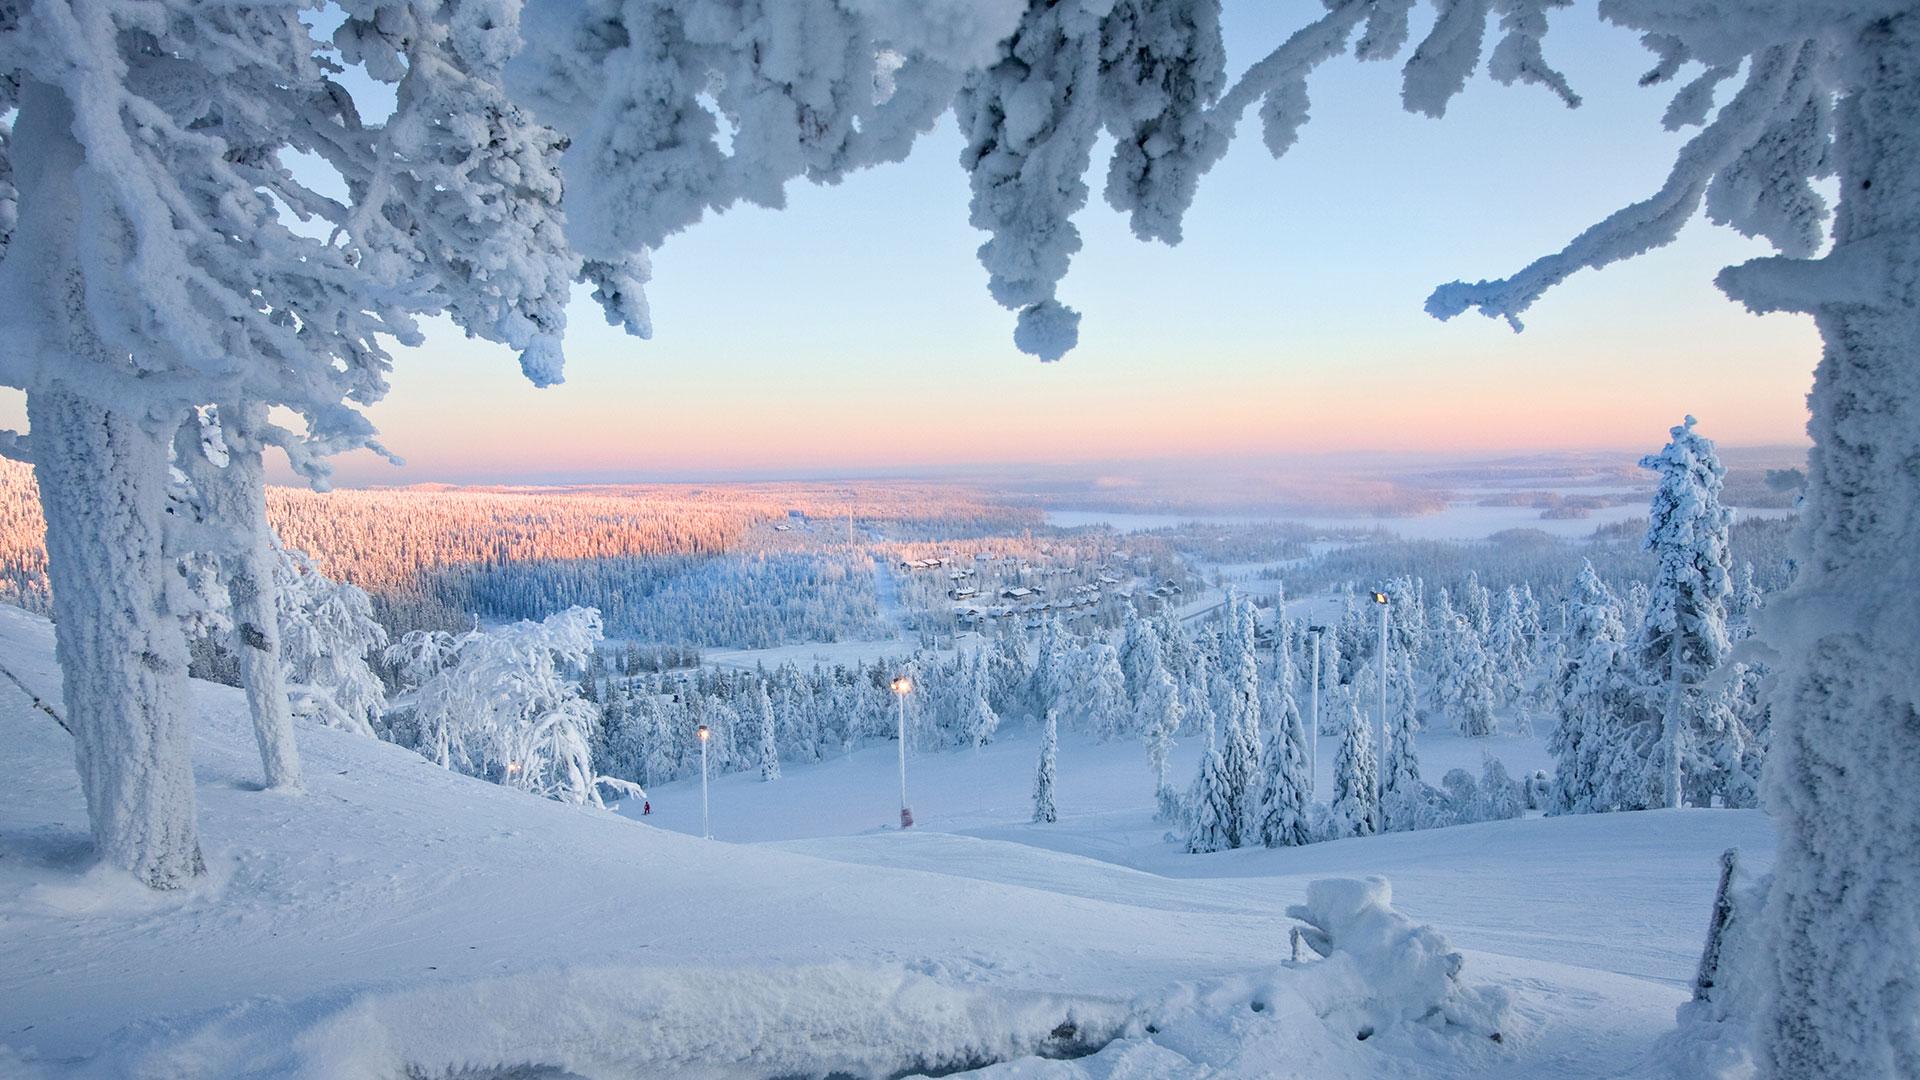 lapland.nordicvisitor.com